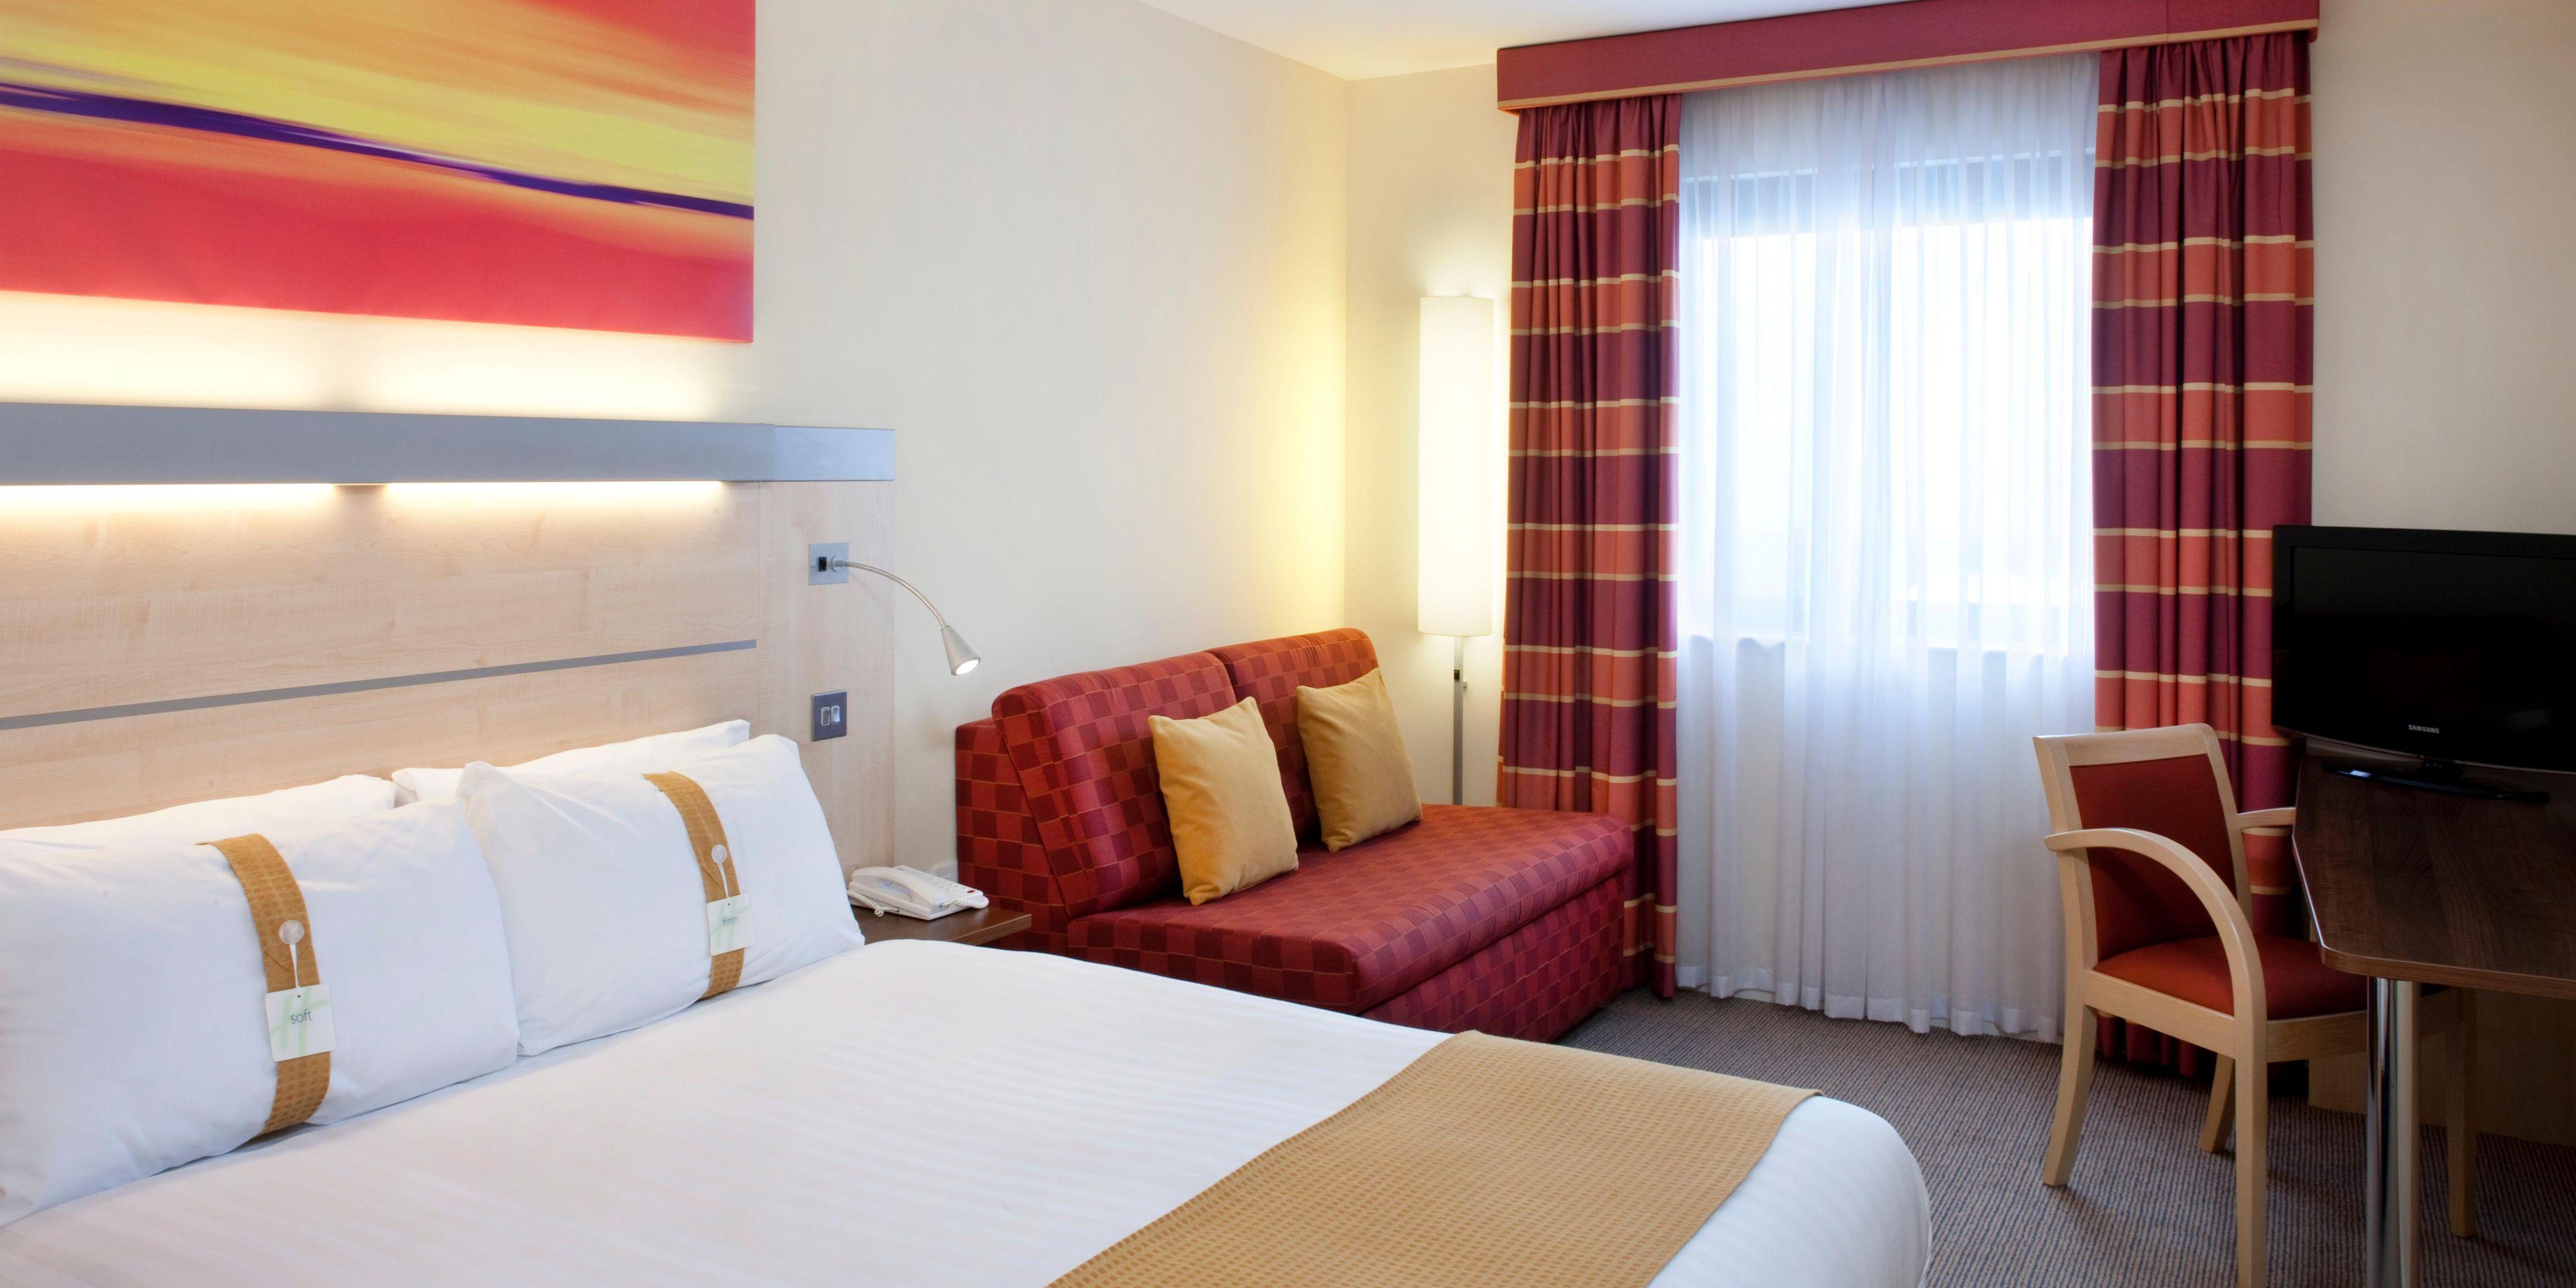 Holiday Inn Express Aberdeen 2531775146 2x1